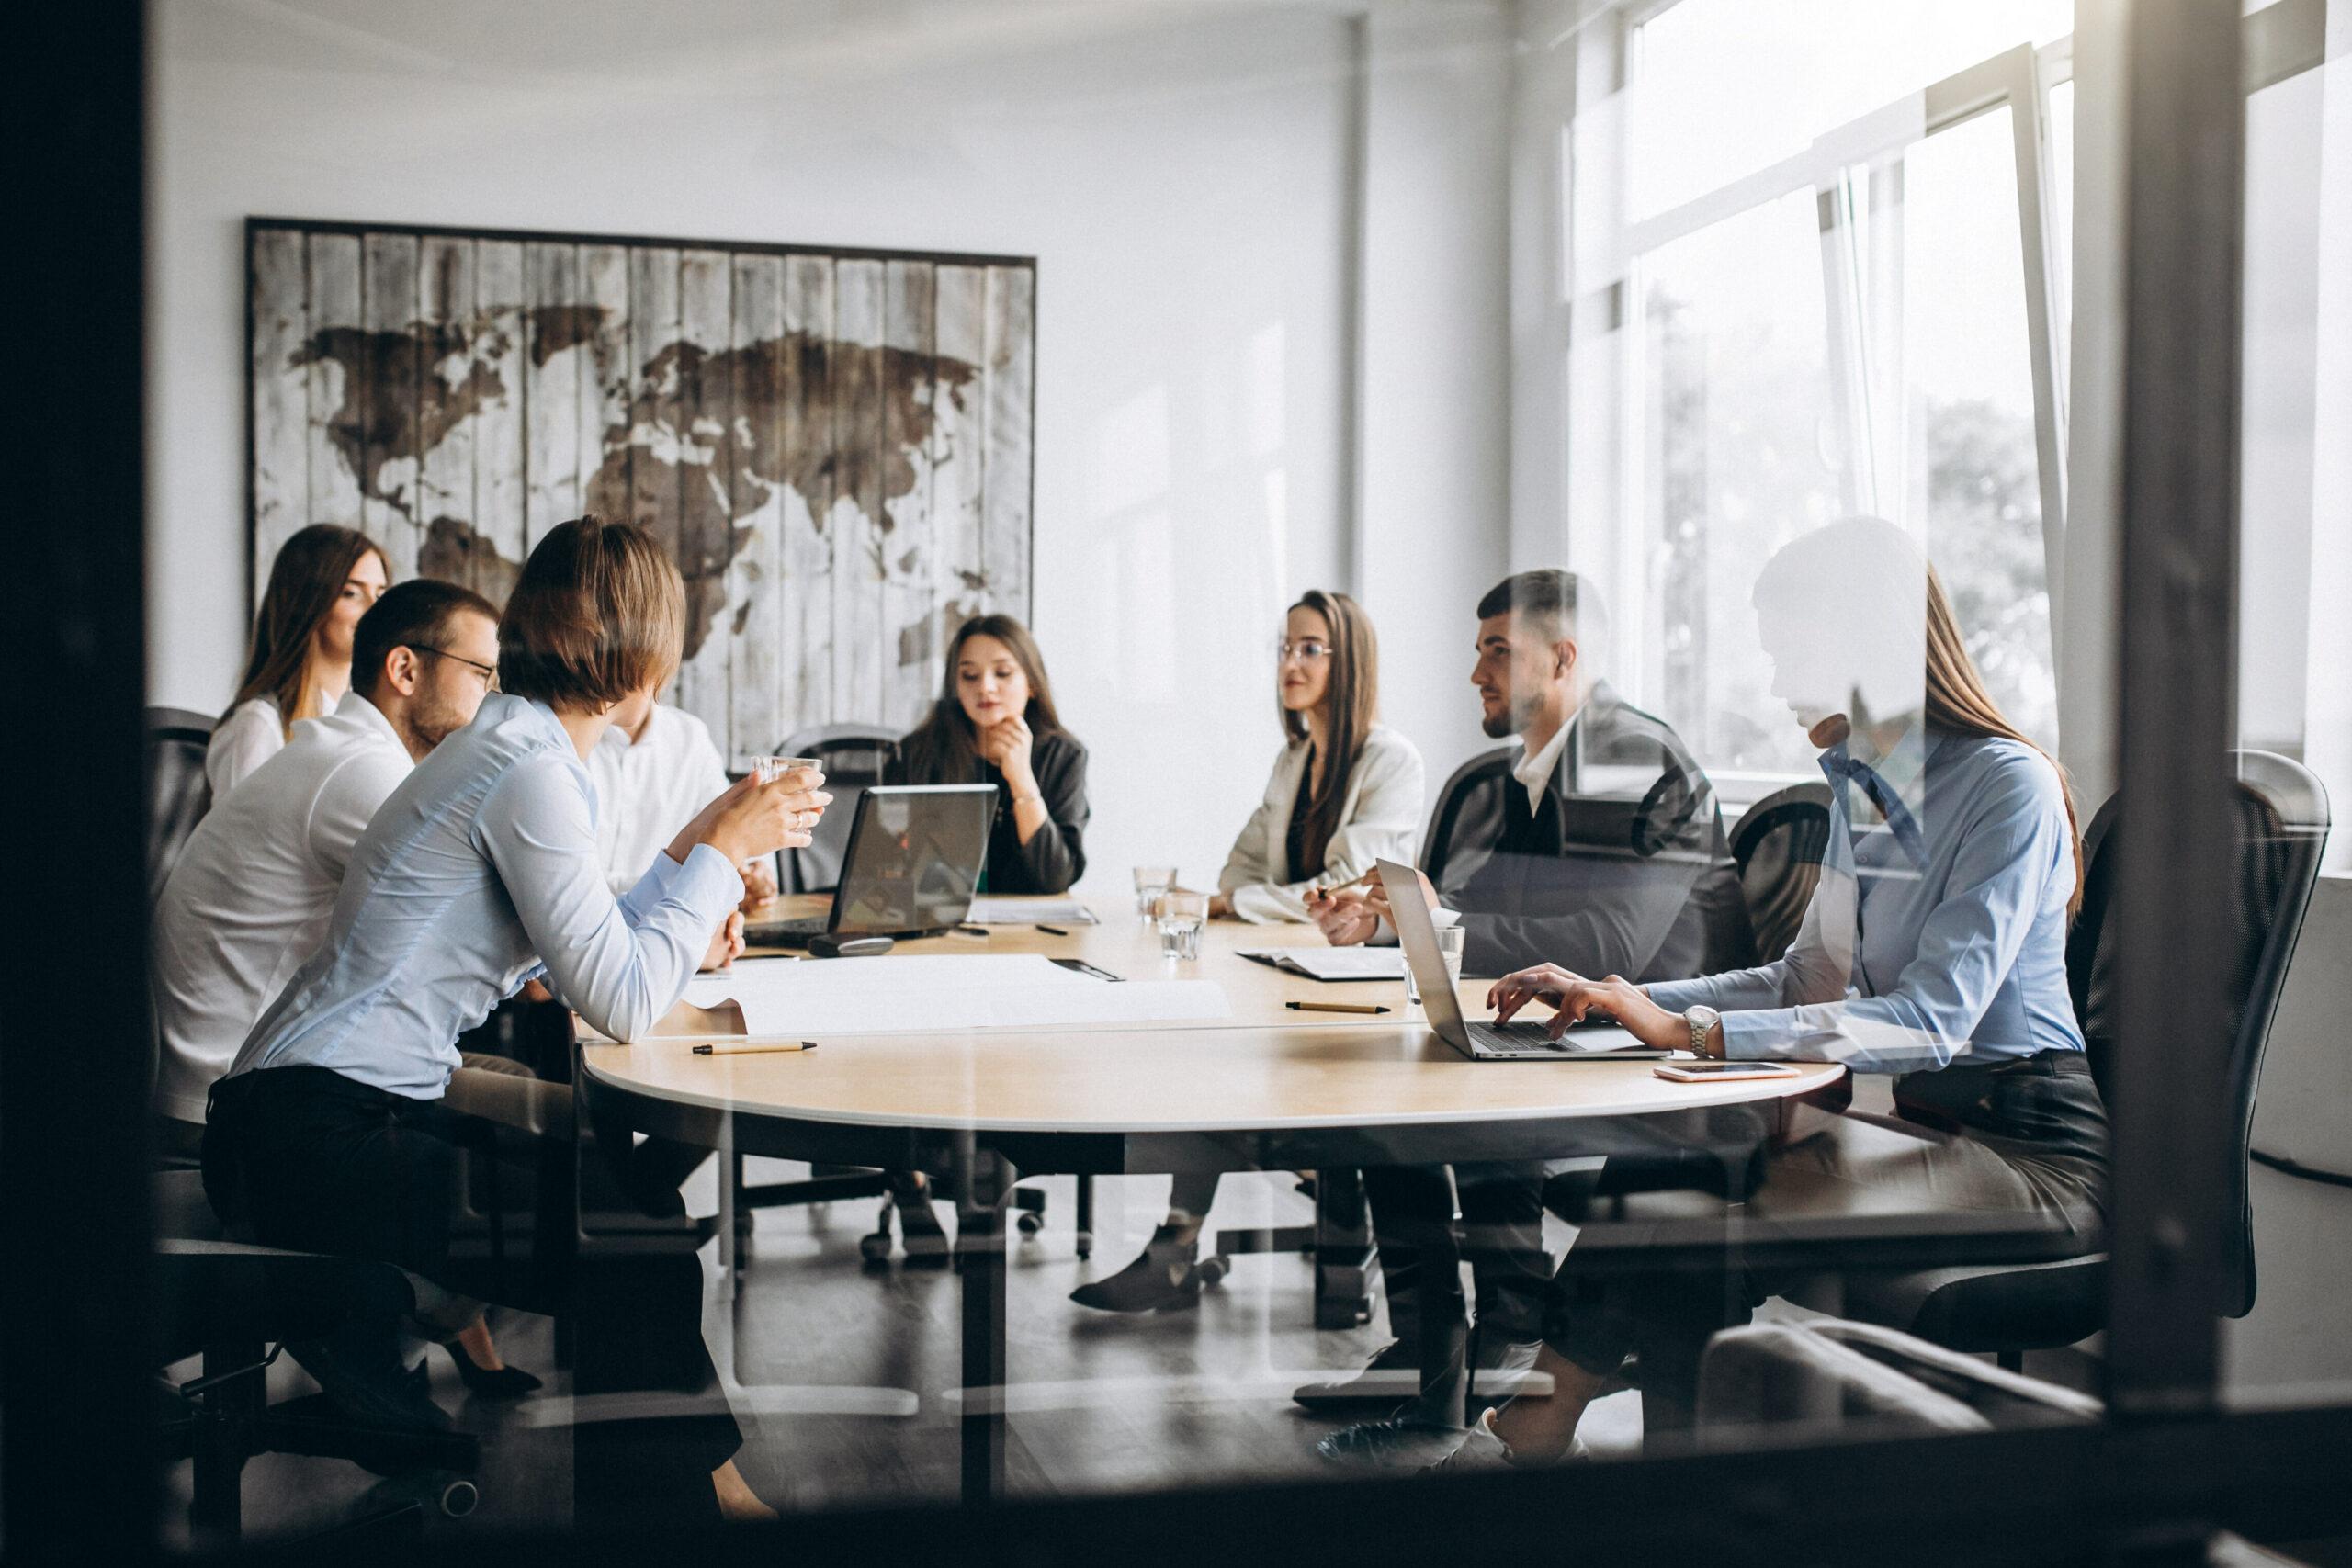 Las tendencias en el trabajo y aprendizaje corporativo para 2025